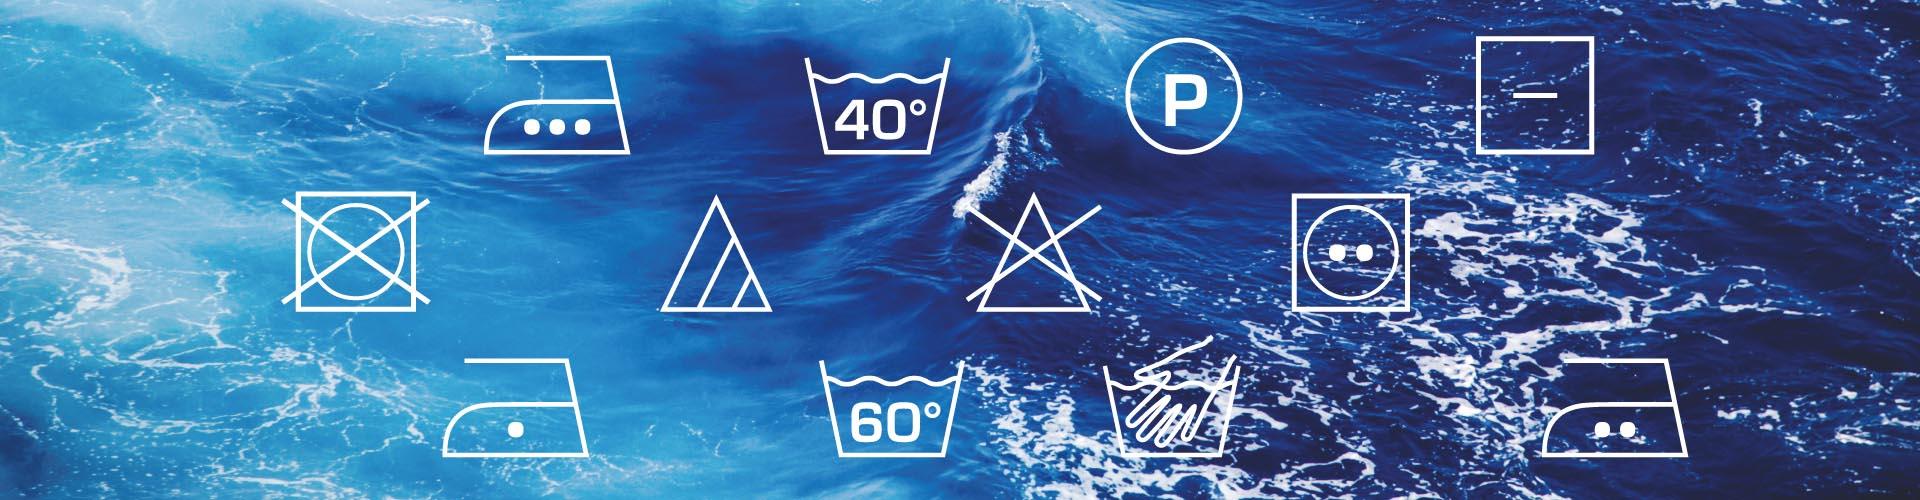 Simboli di lavaggio